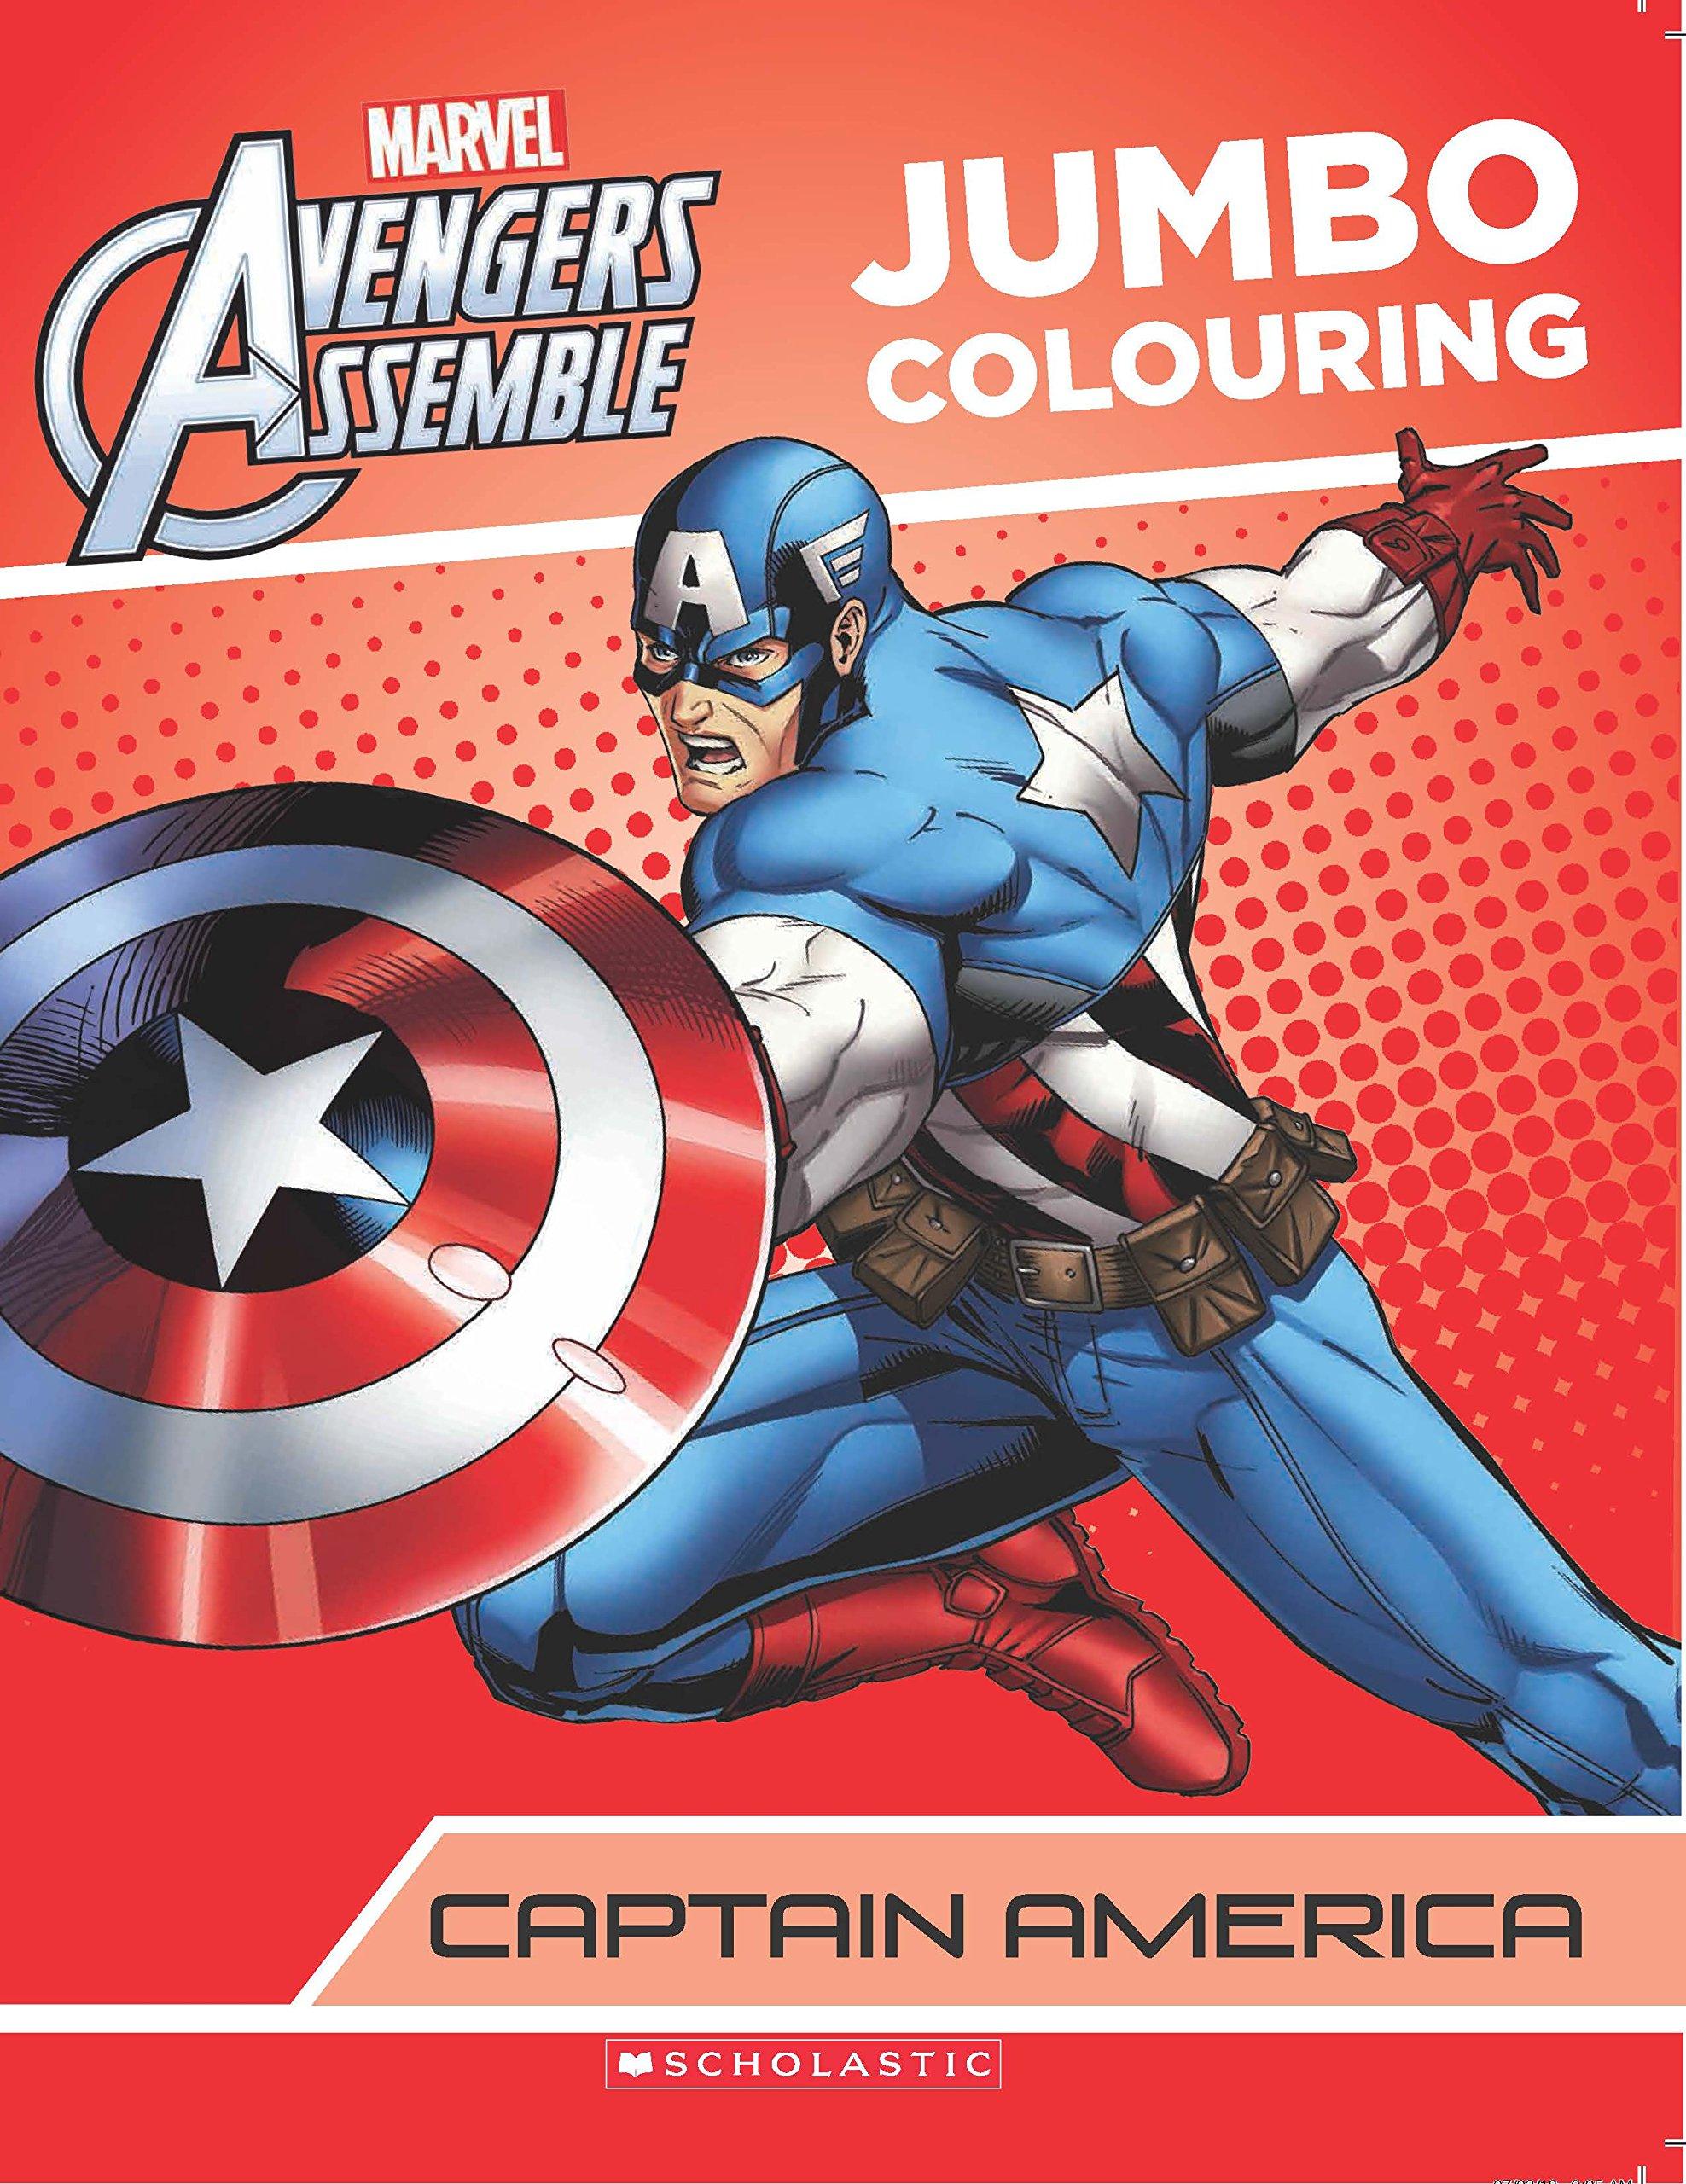 Buy Captain America Jumbo Colouring Marvel Avengers Infinity War